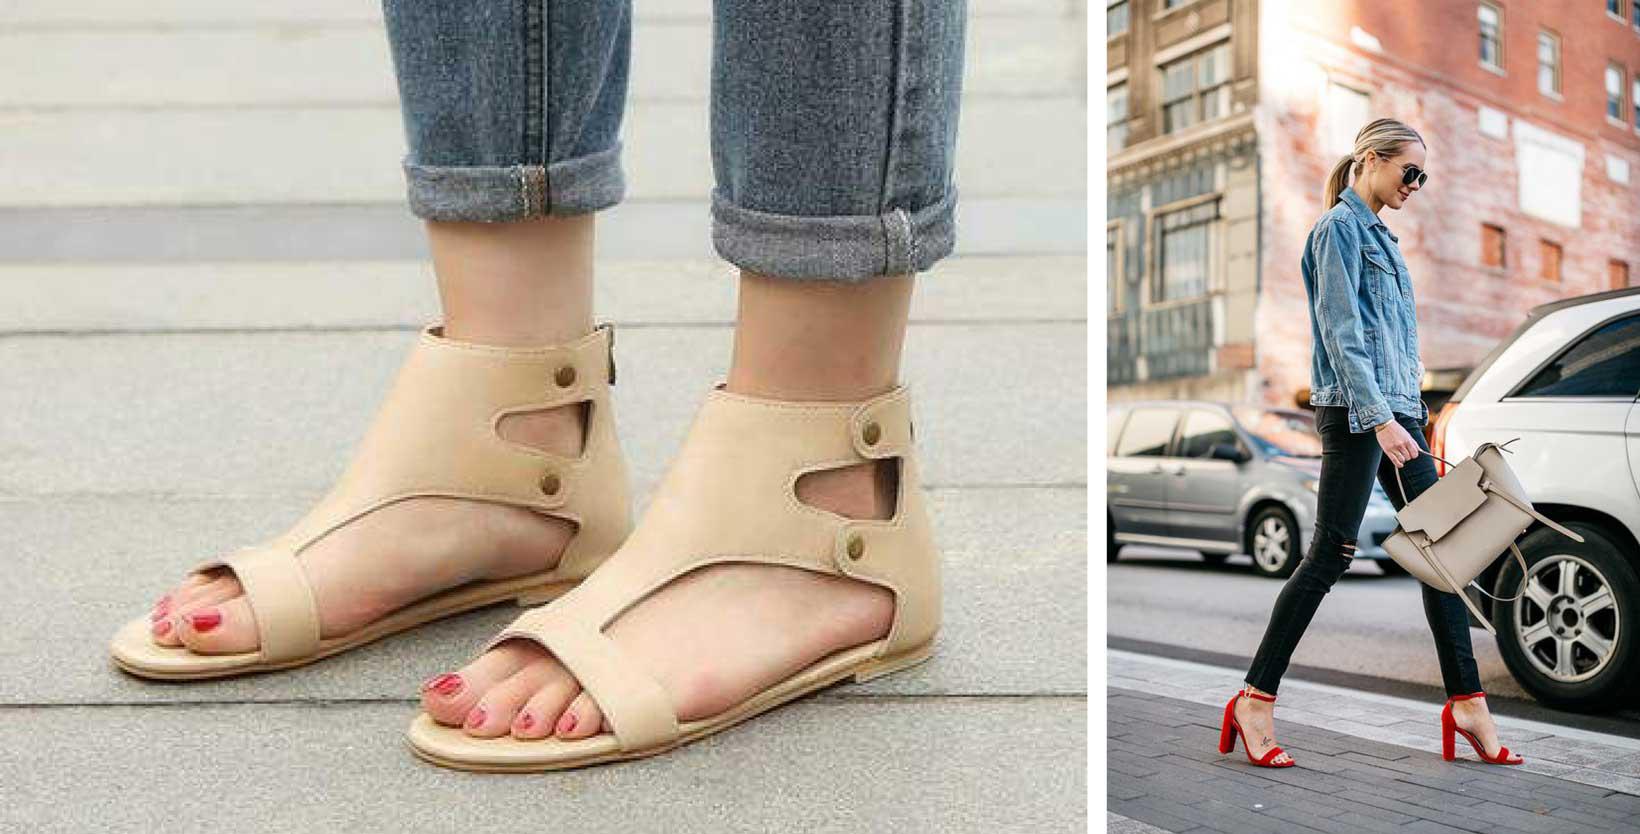 Sandals - 2010s women shoes